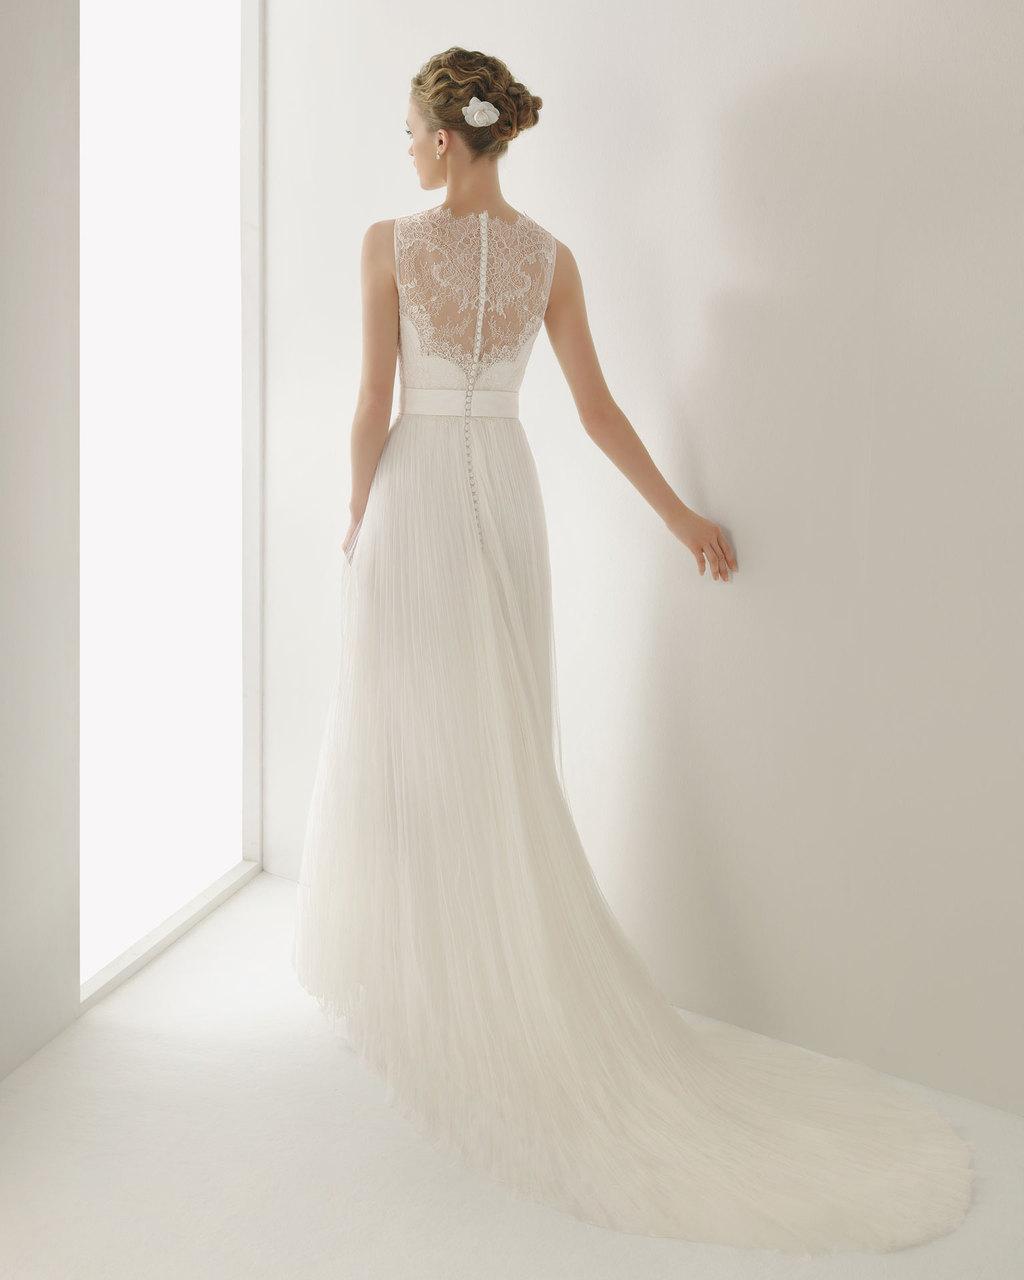 2013-wedding-dress-soft-by-rosa-clara-bridal-gowns-juglar-b.full